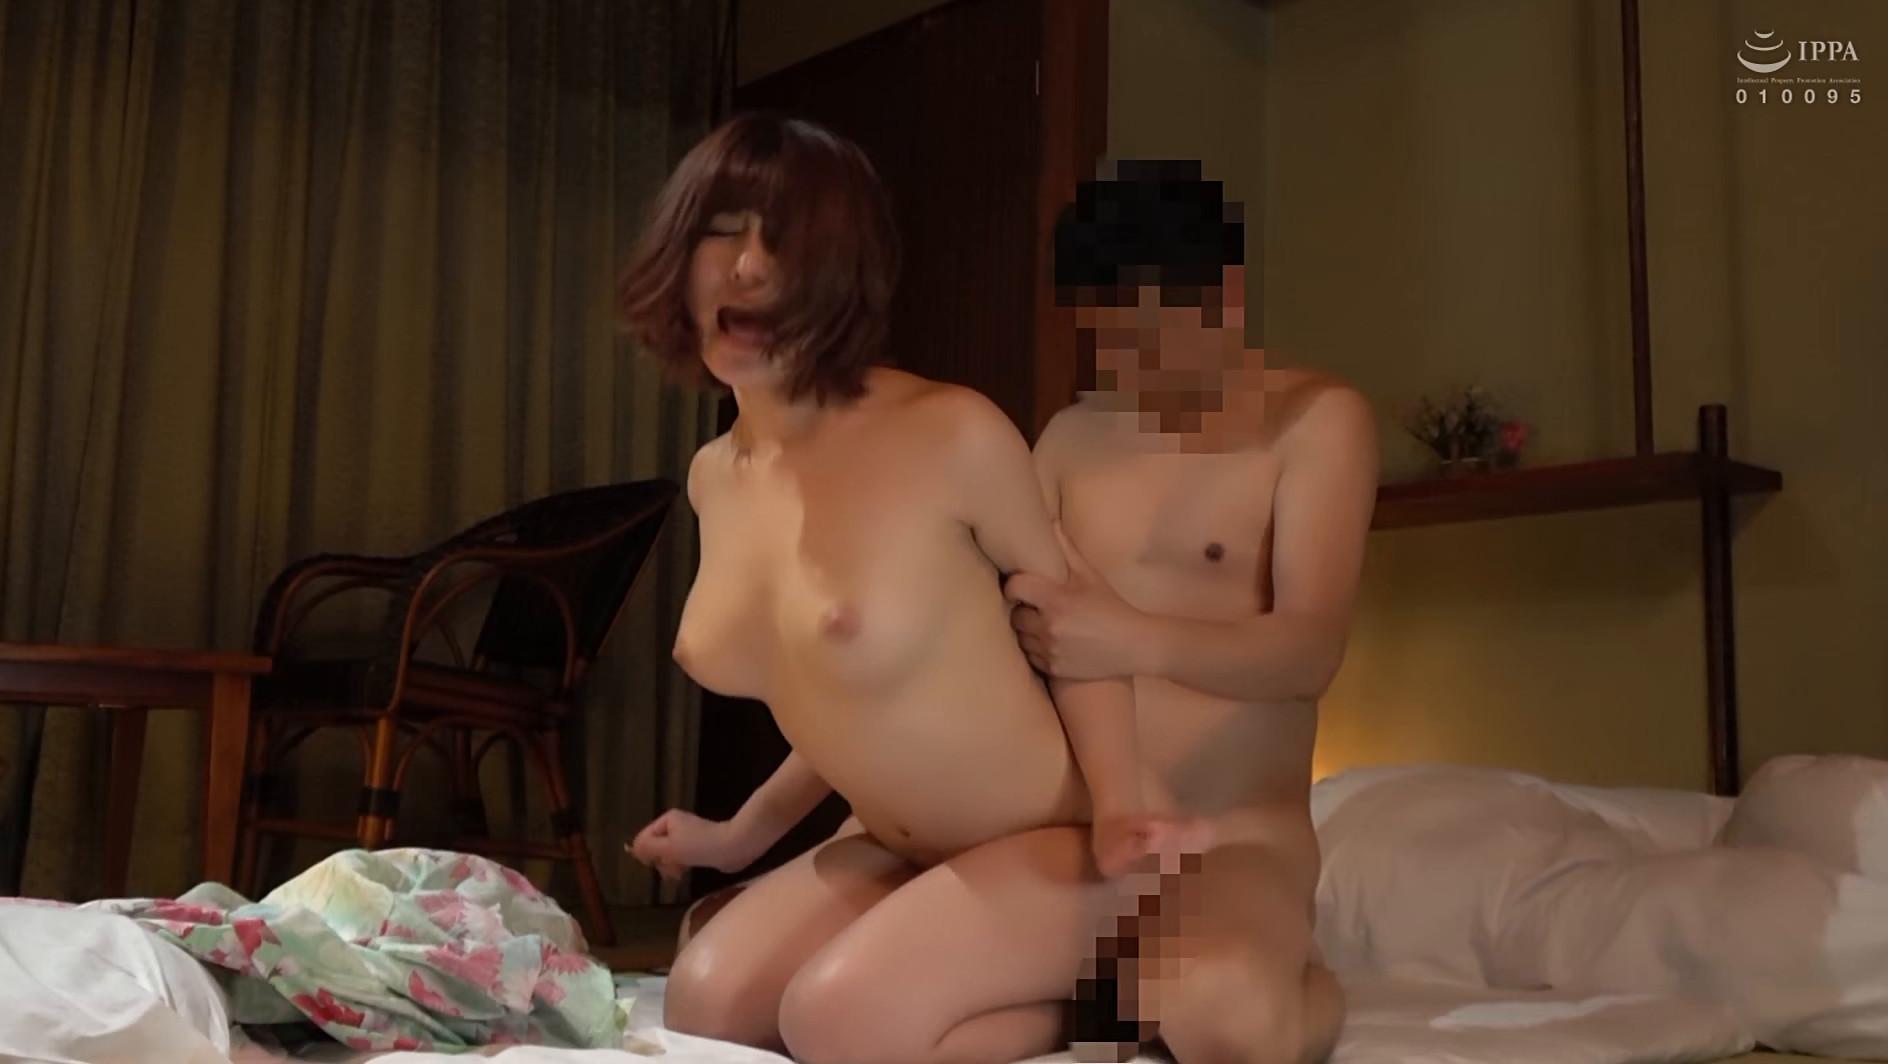 中出し人妻不倫旅行 藤森里穂 27歳,のサンプル画像28